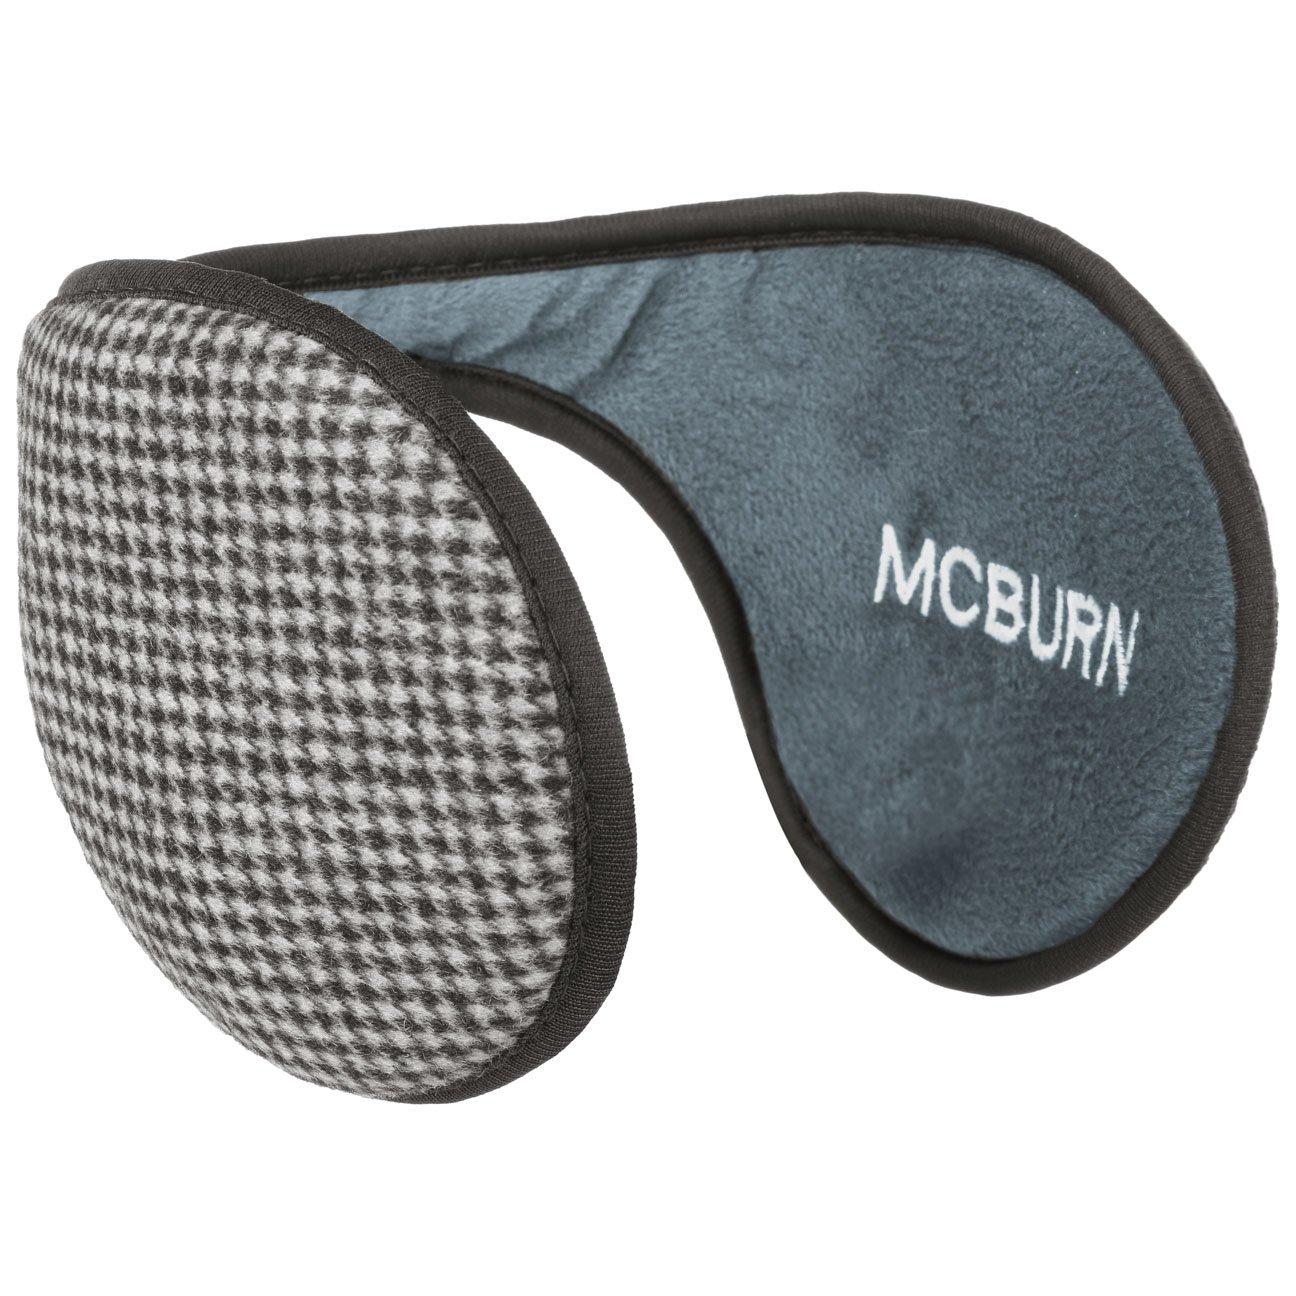 McBurn Herringbone Ohrenschützer Ohrenwärmer Ohrenschutz Pepita Earband für Damen und Herren Herbst Winter